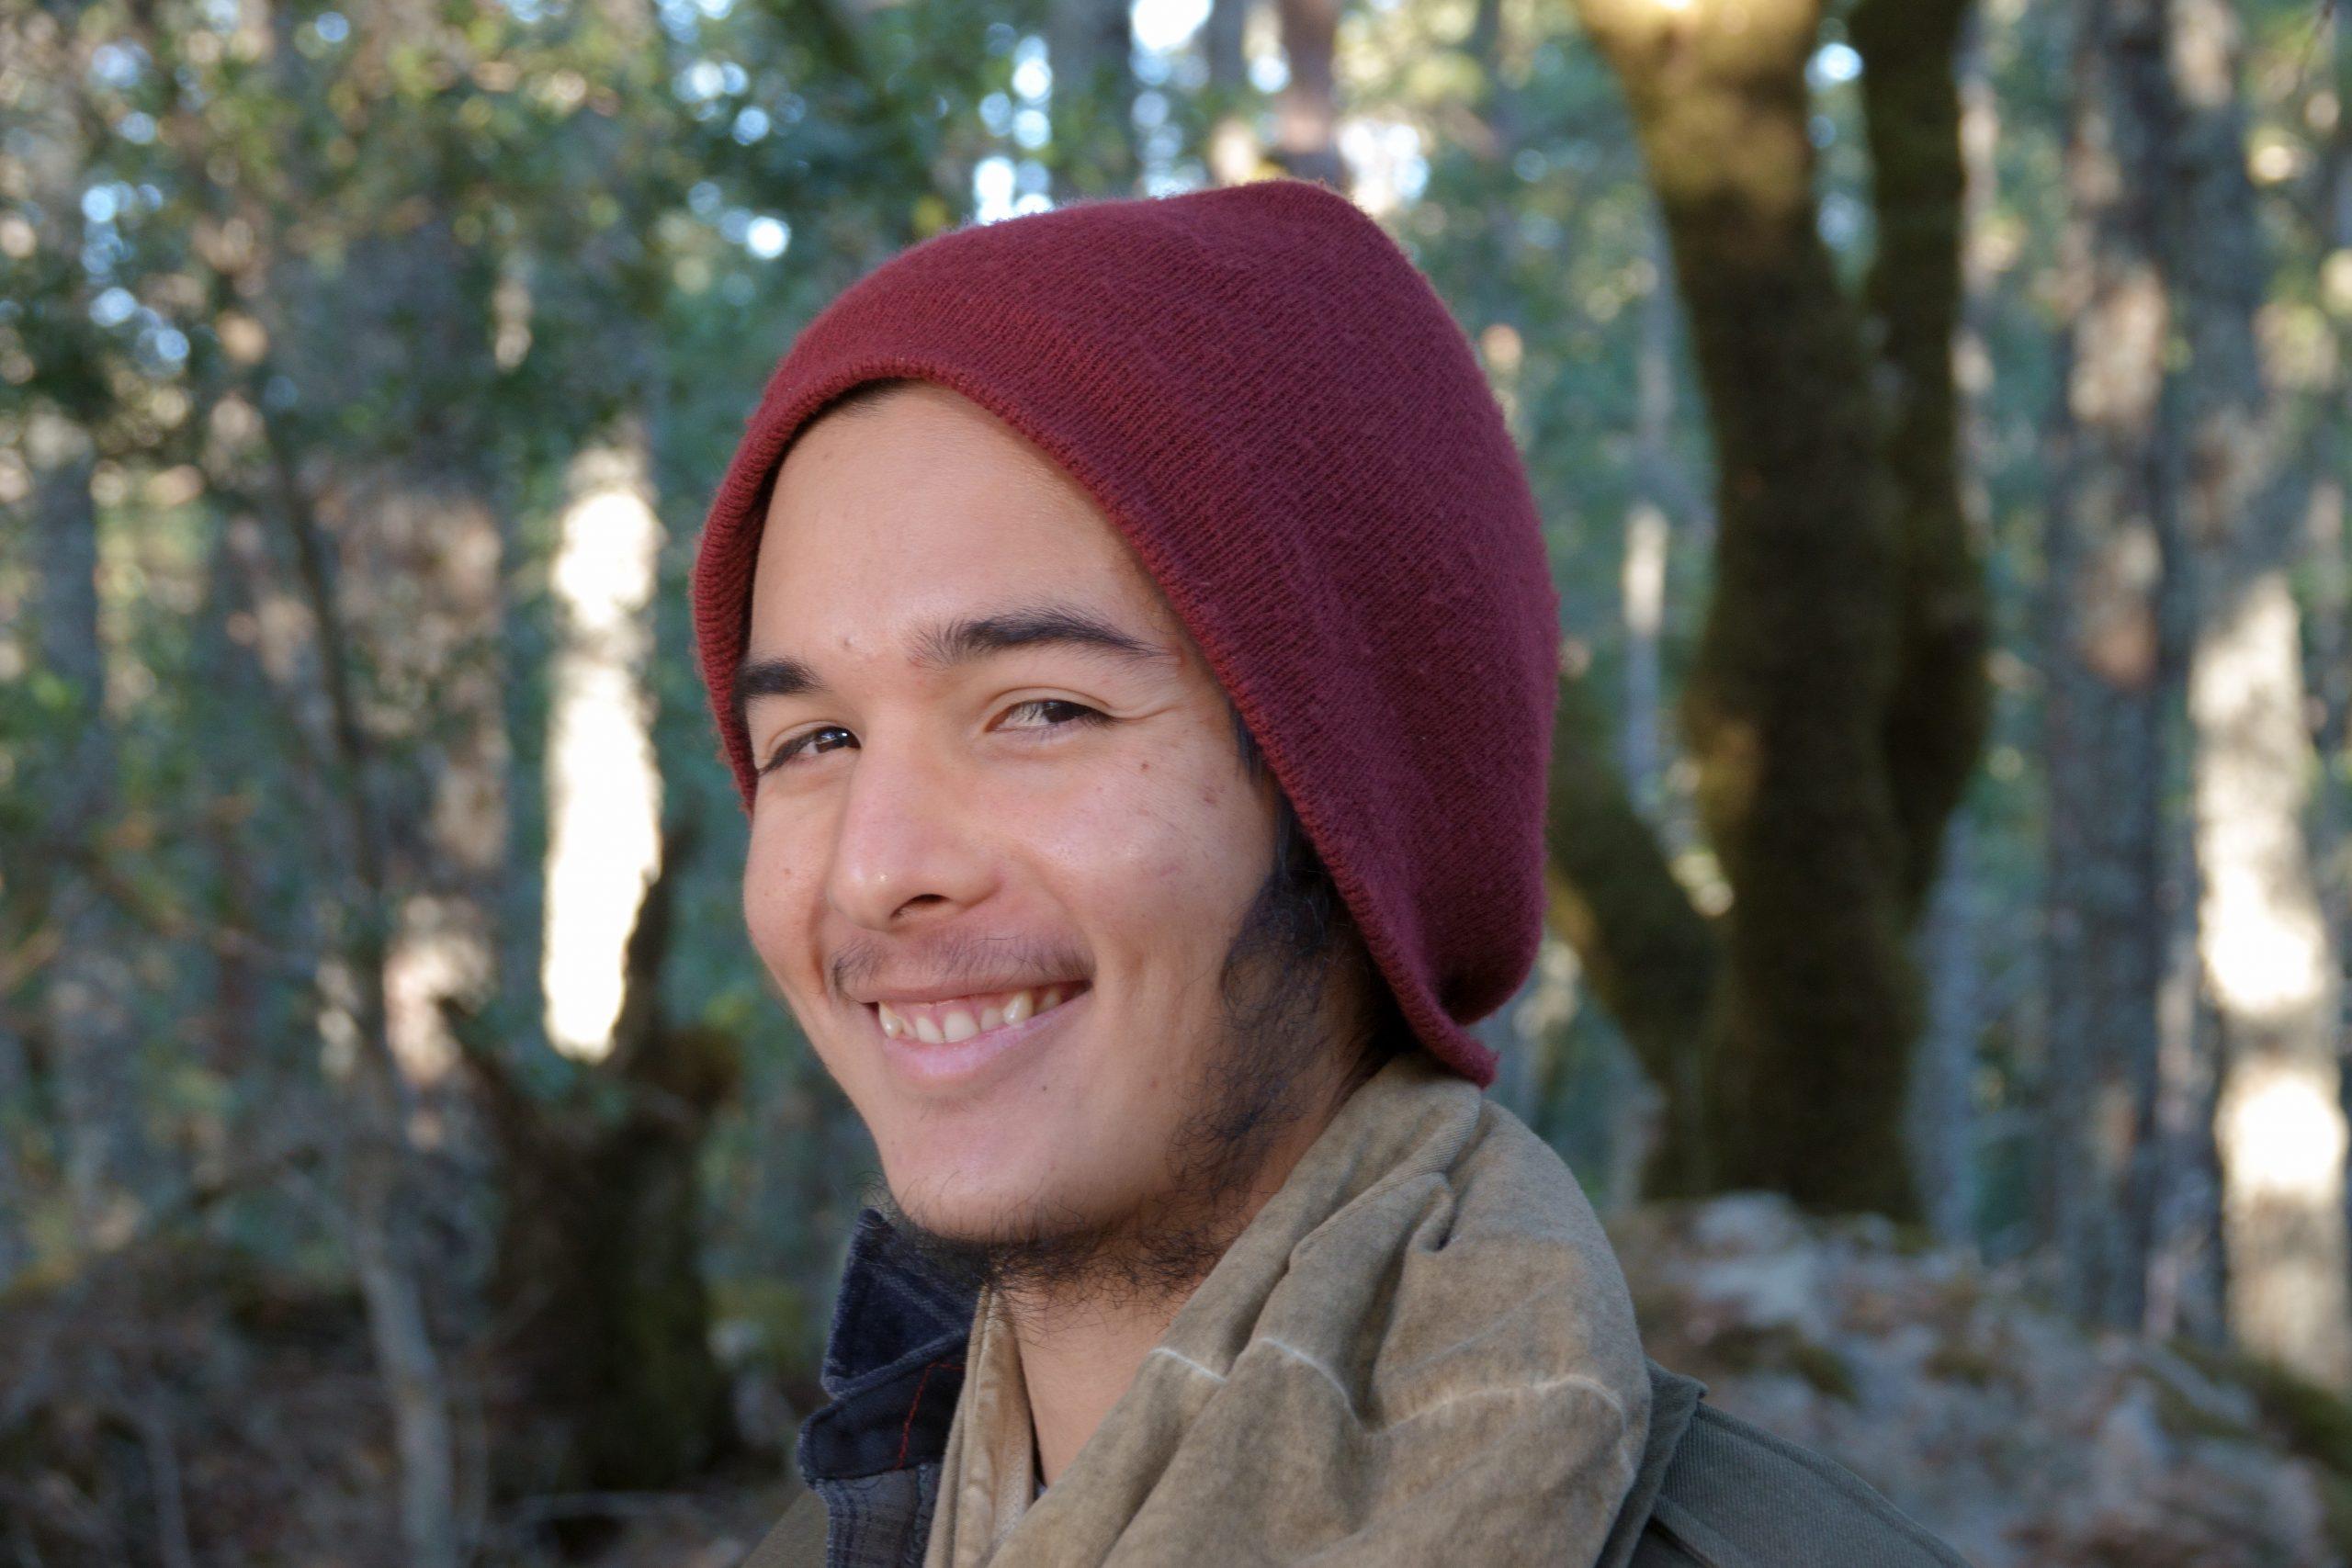 Sean_Lim-10000-victories-cinematographer